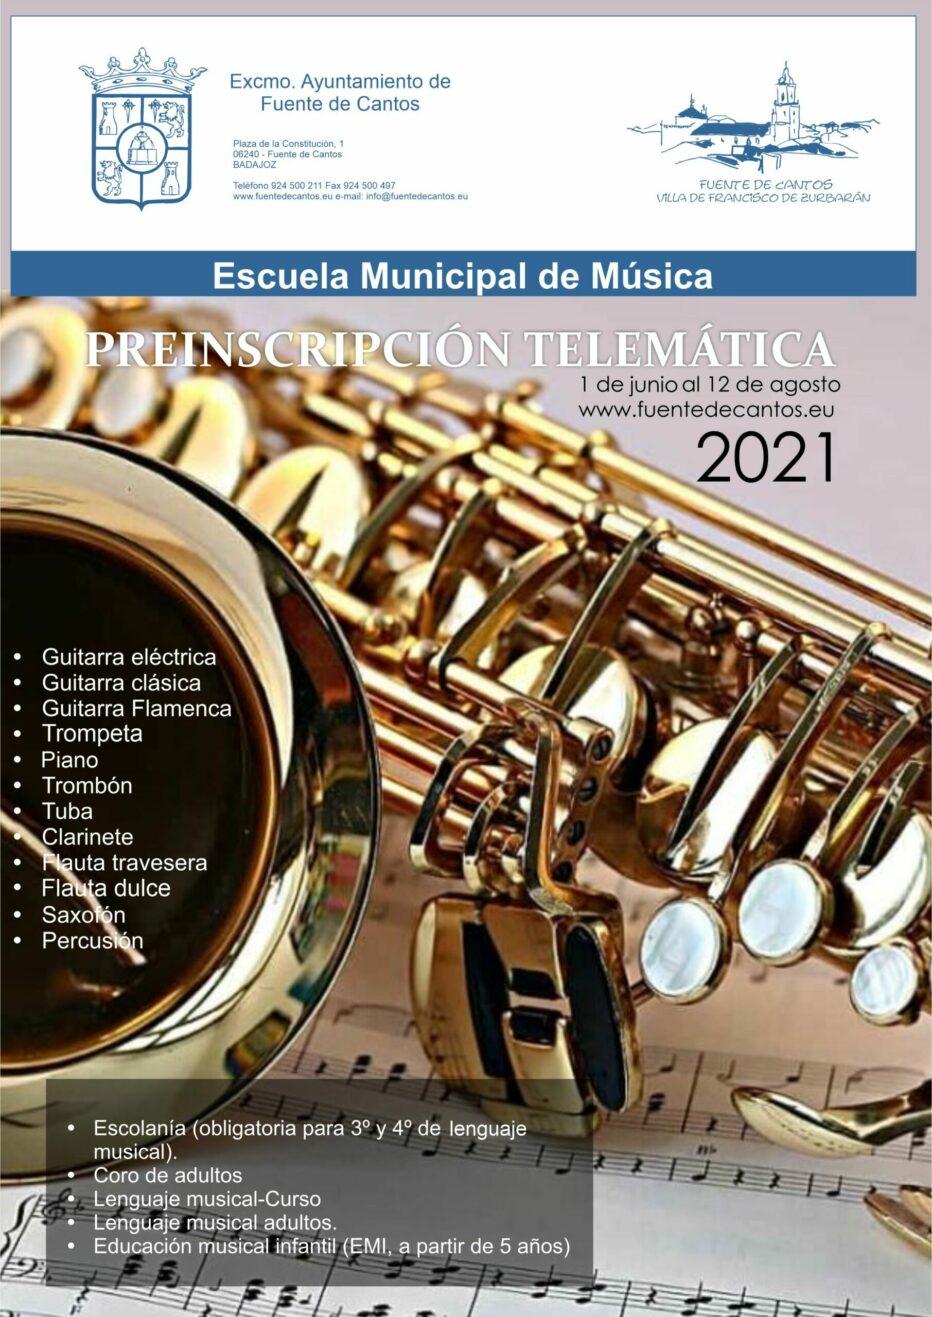 Preinscripción Escuela Municipal de Música